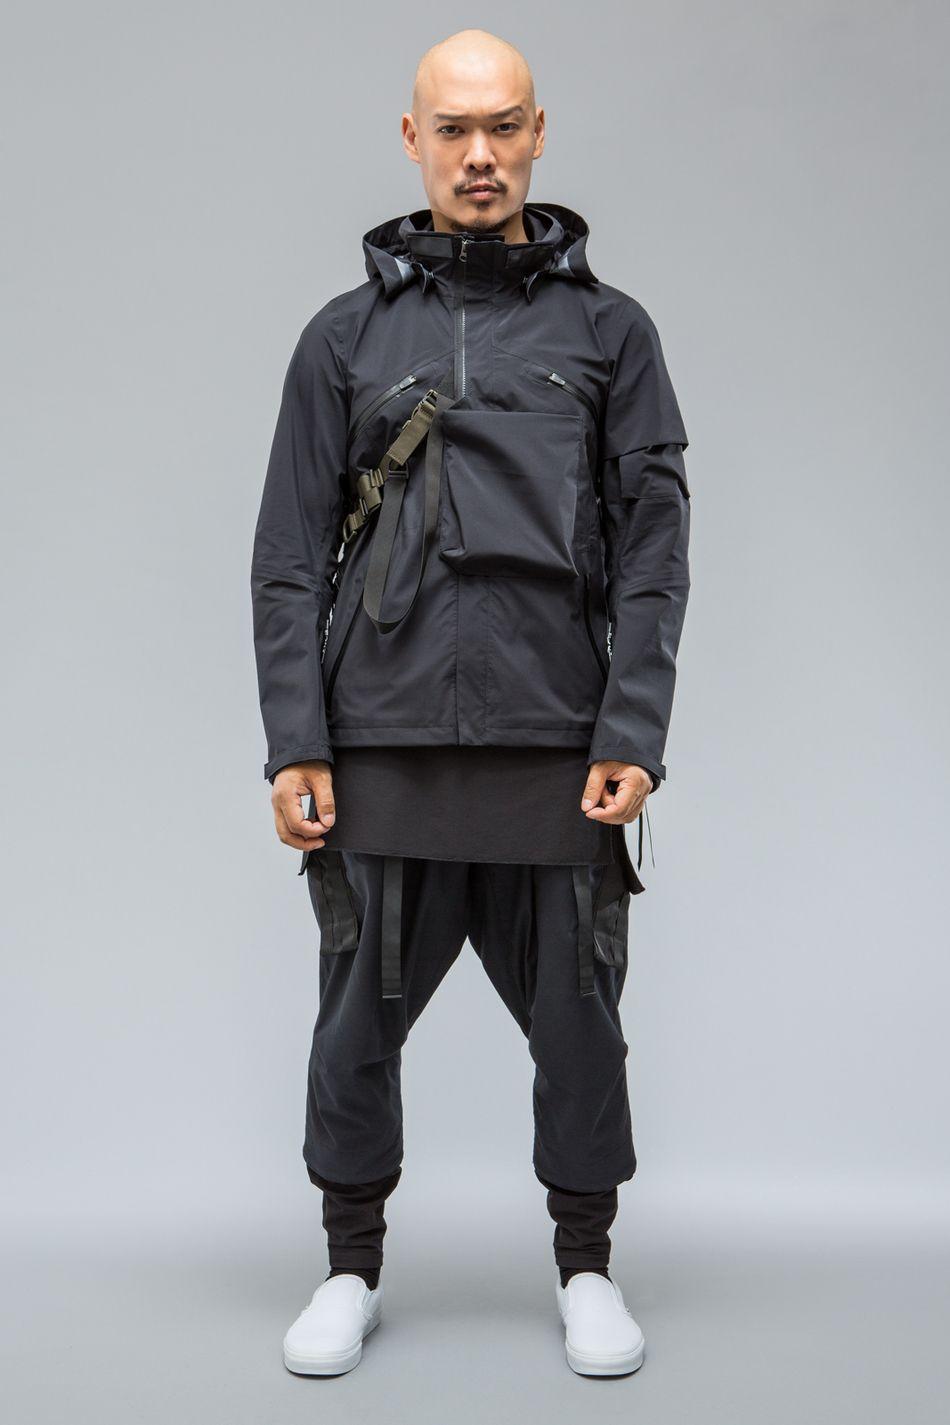 sink00  acronym clothing best mens fashion futuristic